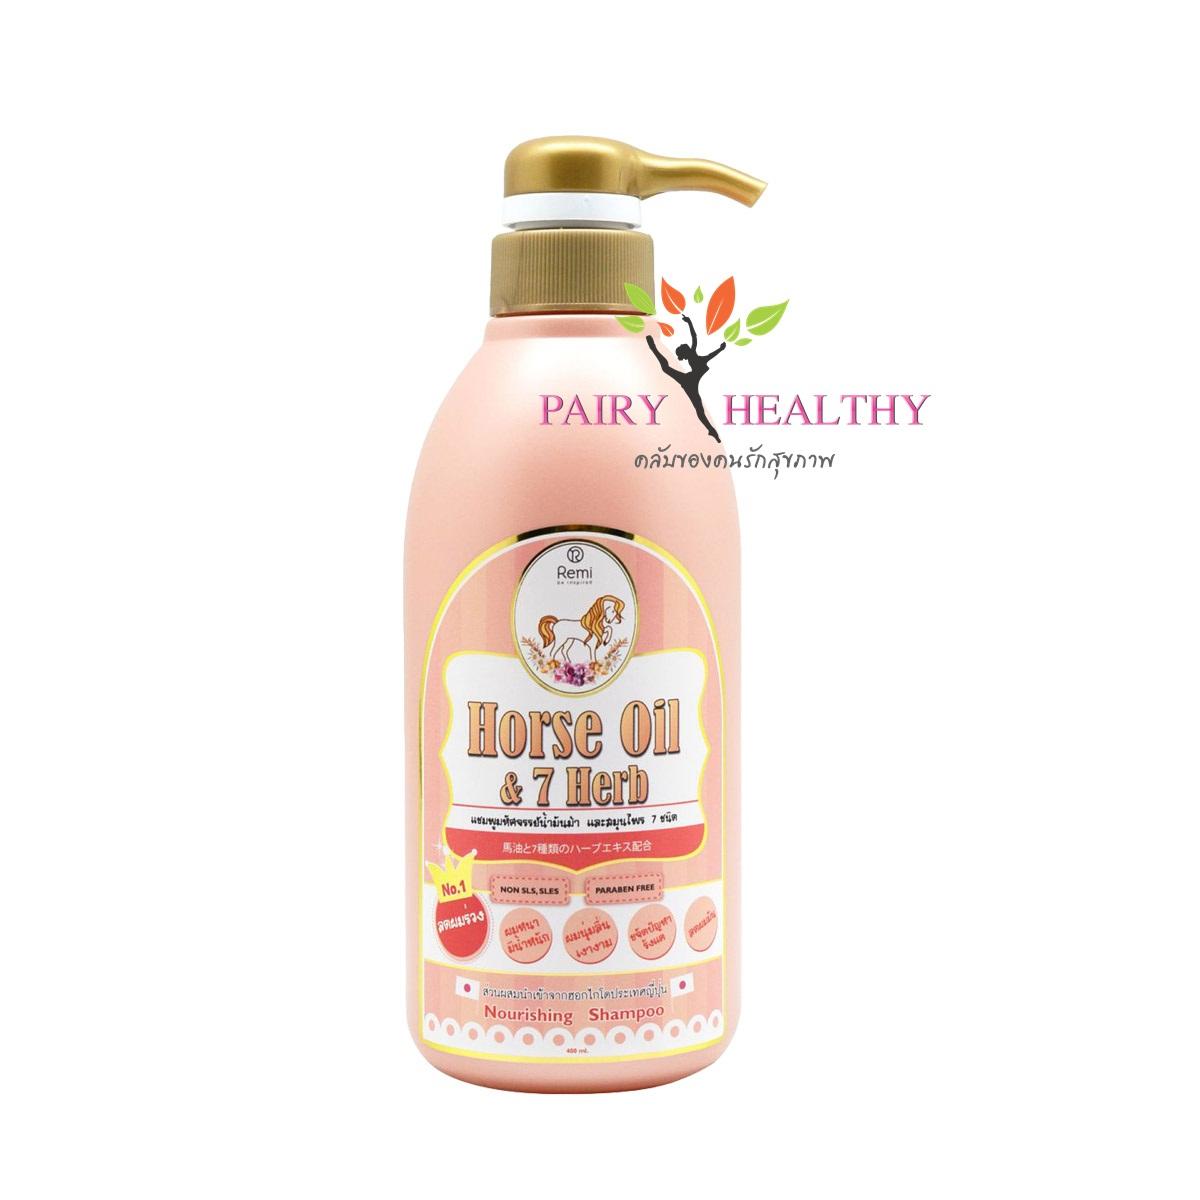 Remi Shampoo แชมพูเรมิ น้ำมันม้าฮอกไกโด & สมุนไพร7ชนิด 400ml. ราคา 350 บาท ส่งฟรี